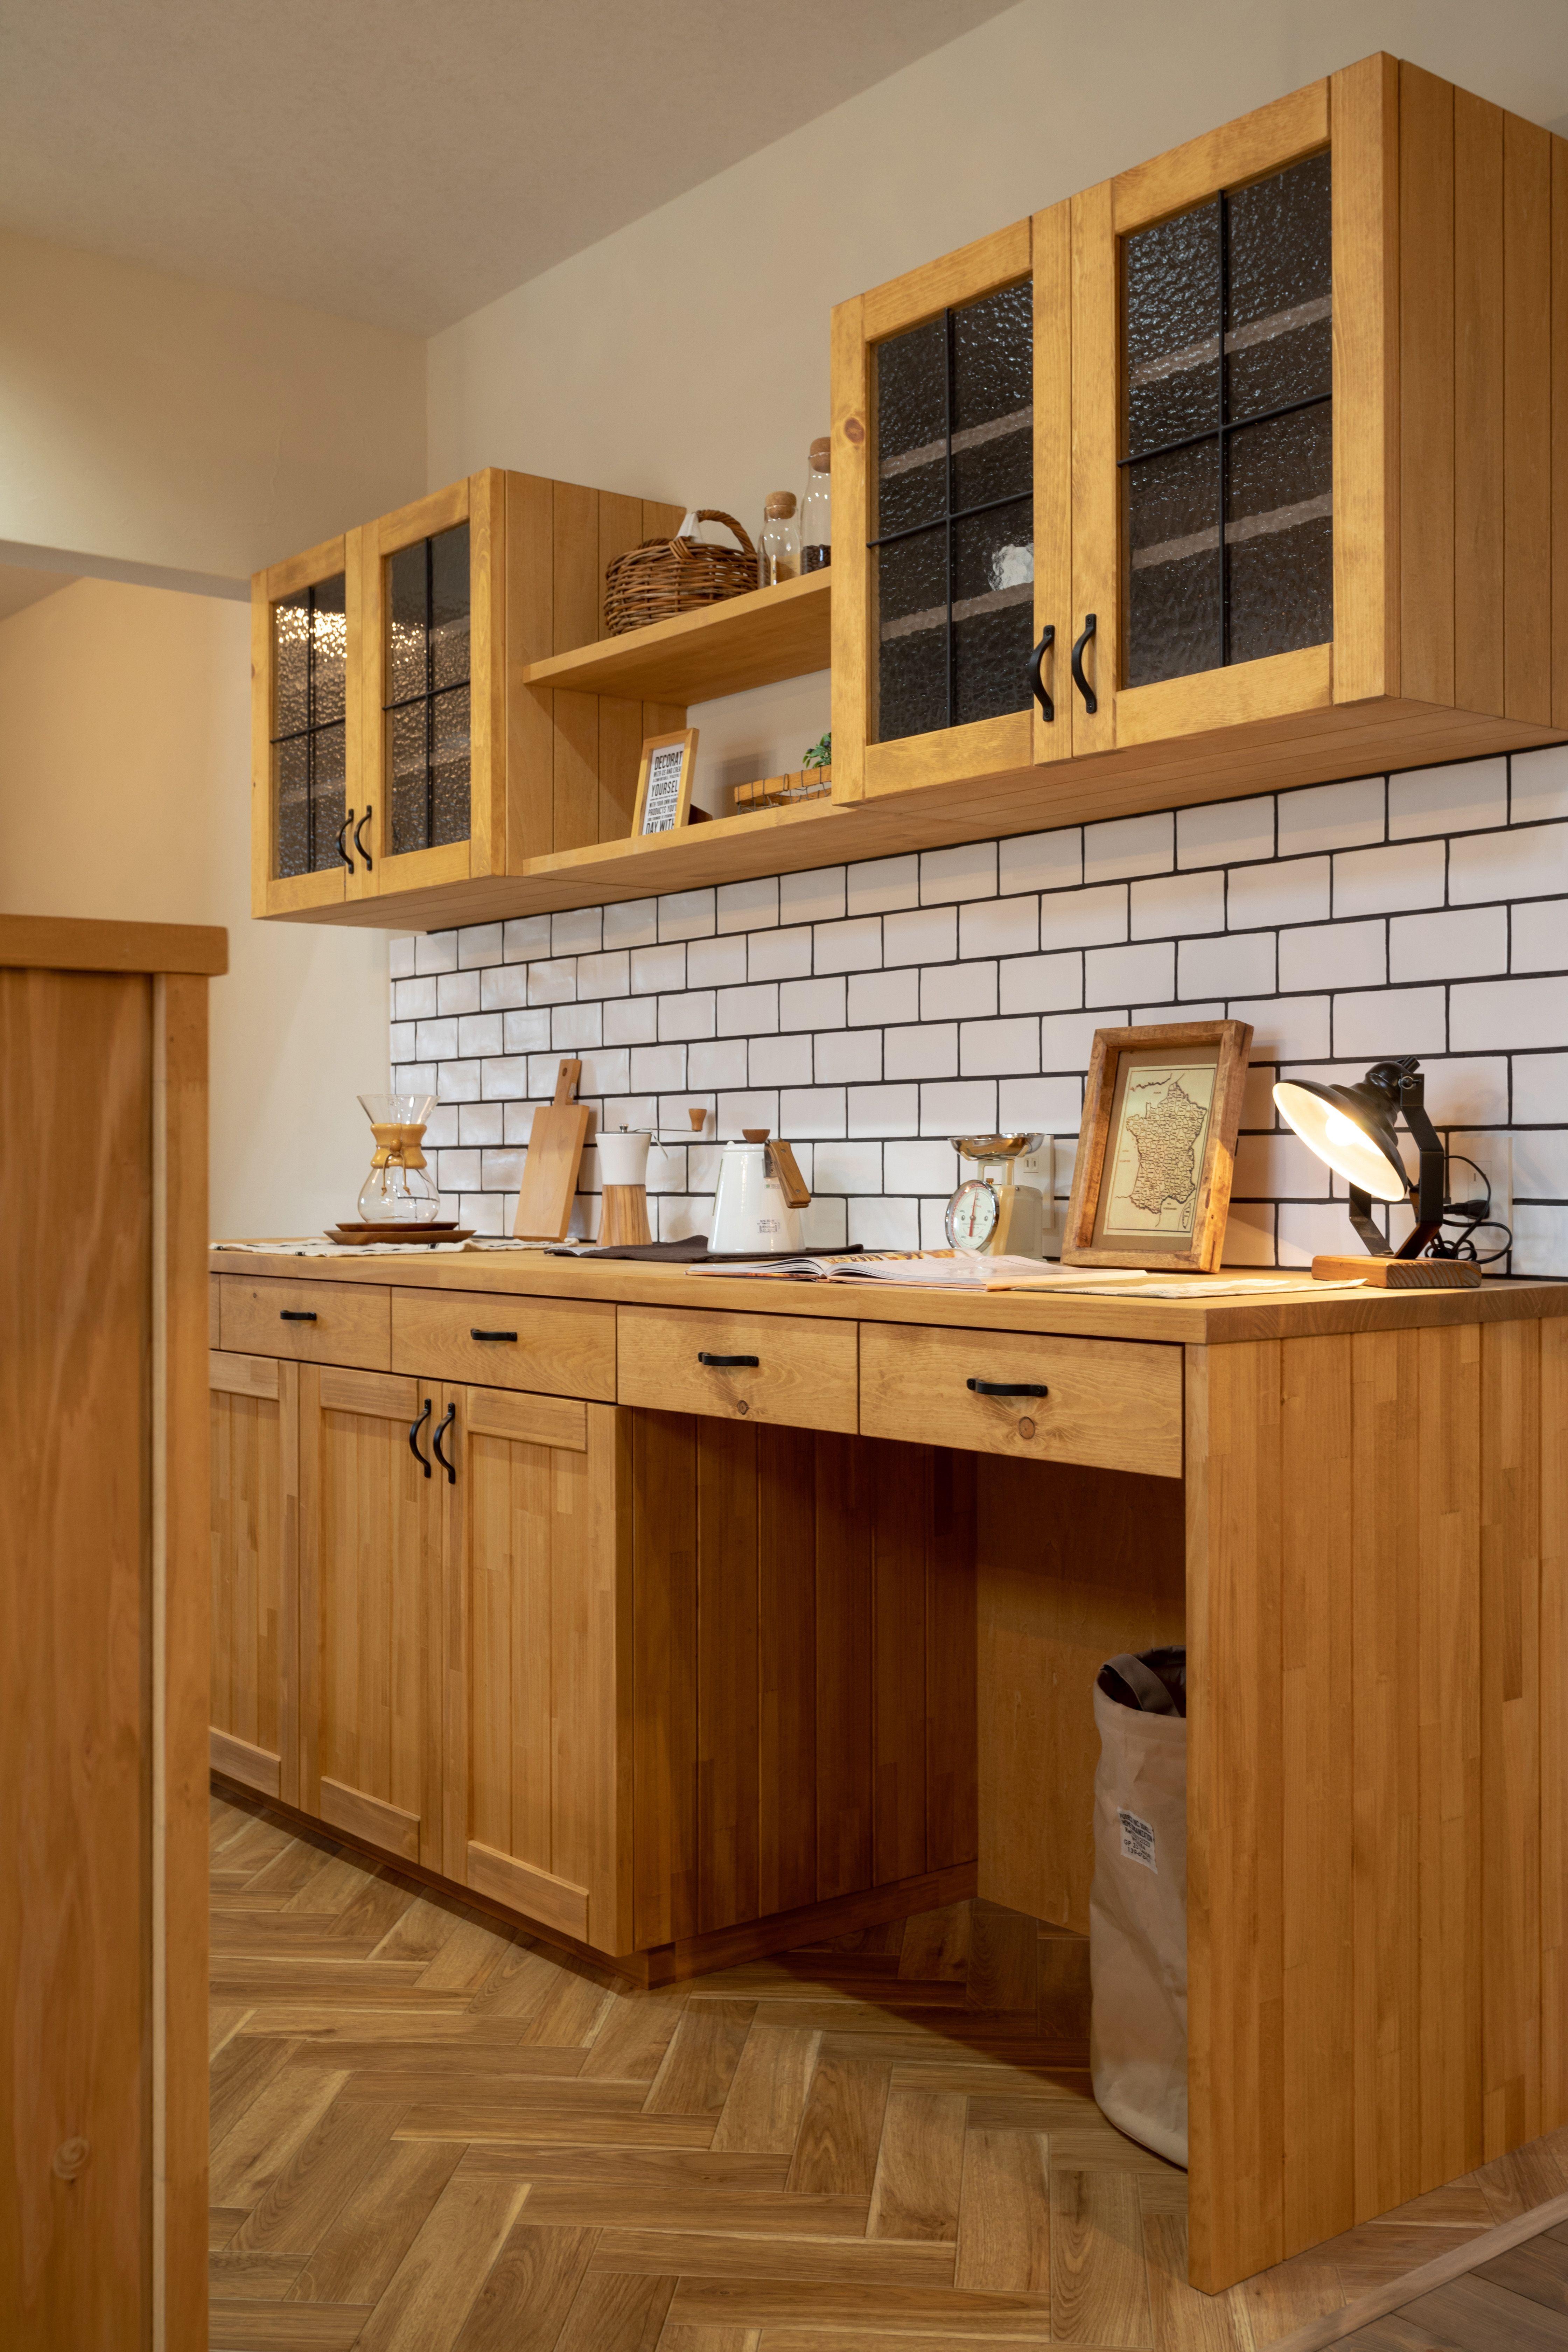 サーフ カリフォルニアスタイルな平屋の家 ゼストの写真集 倉敷市 注文